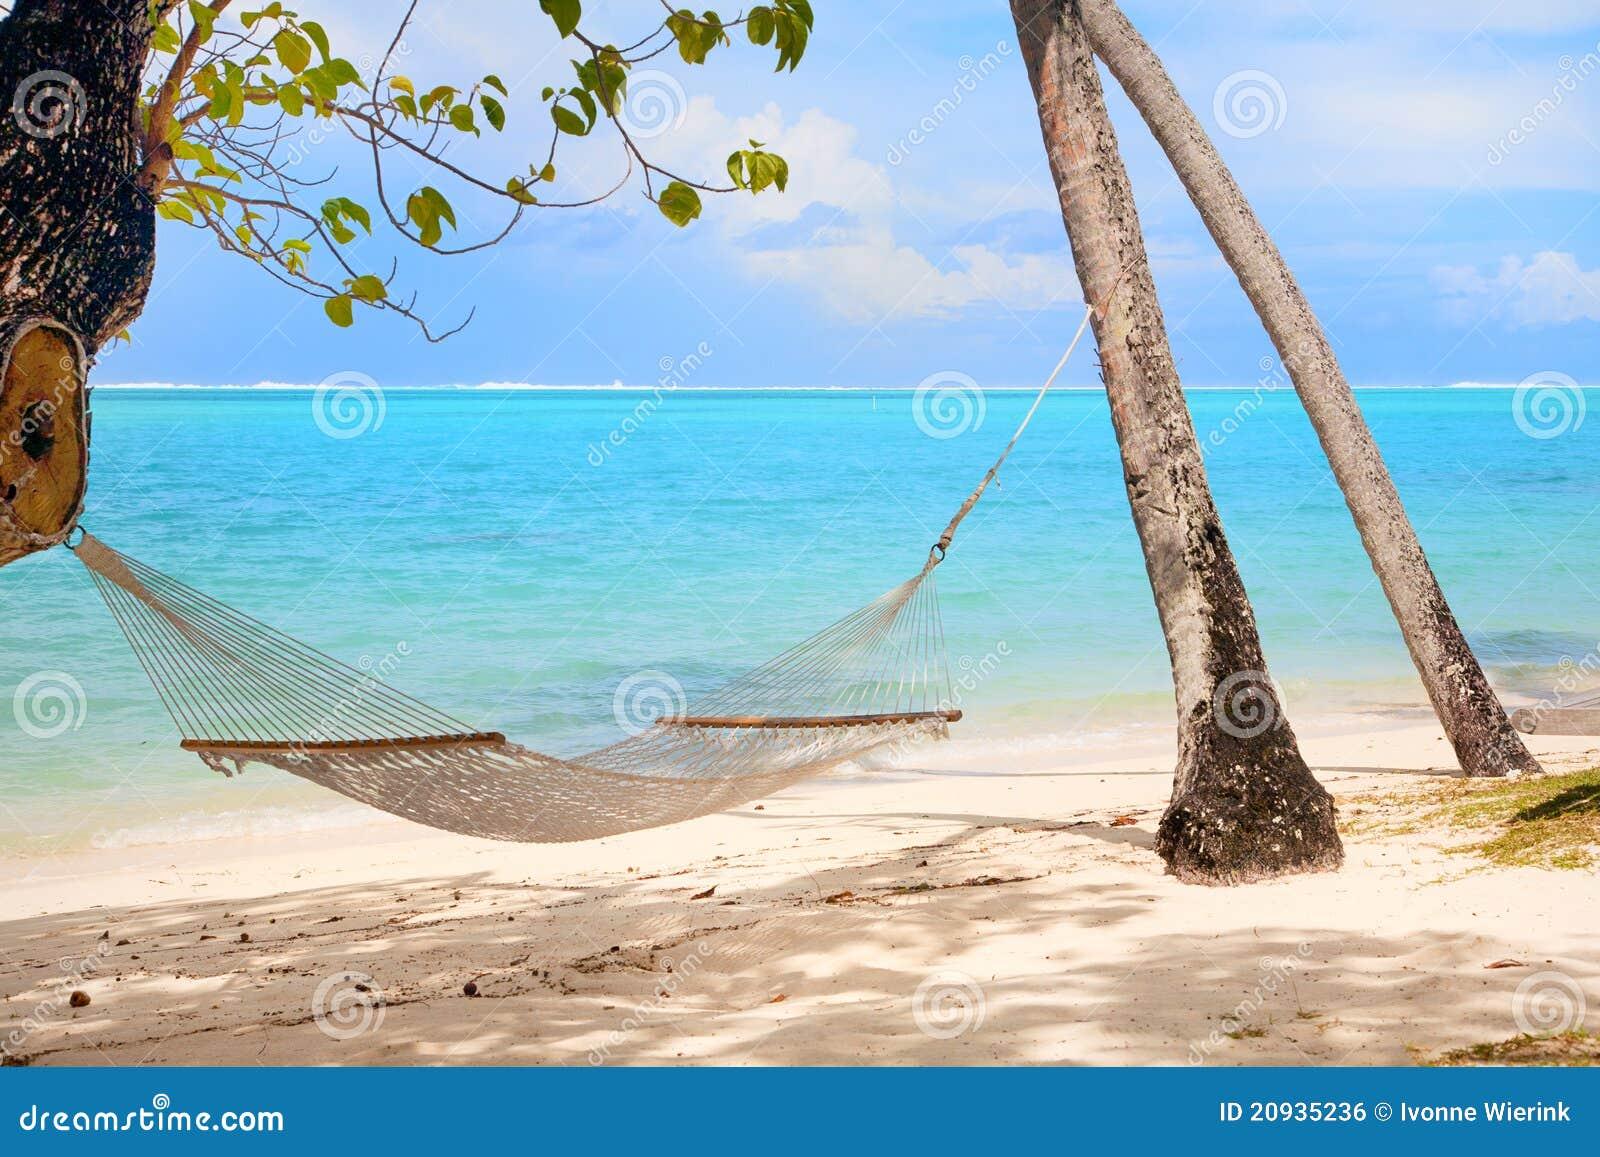 Hamaca en la playa tropical imagen de archivo libre de for Hamaca plegable playa